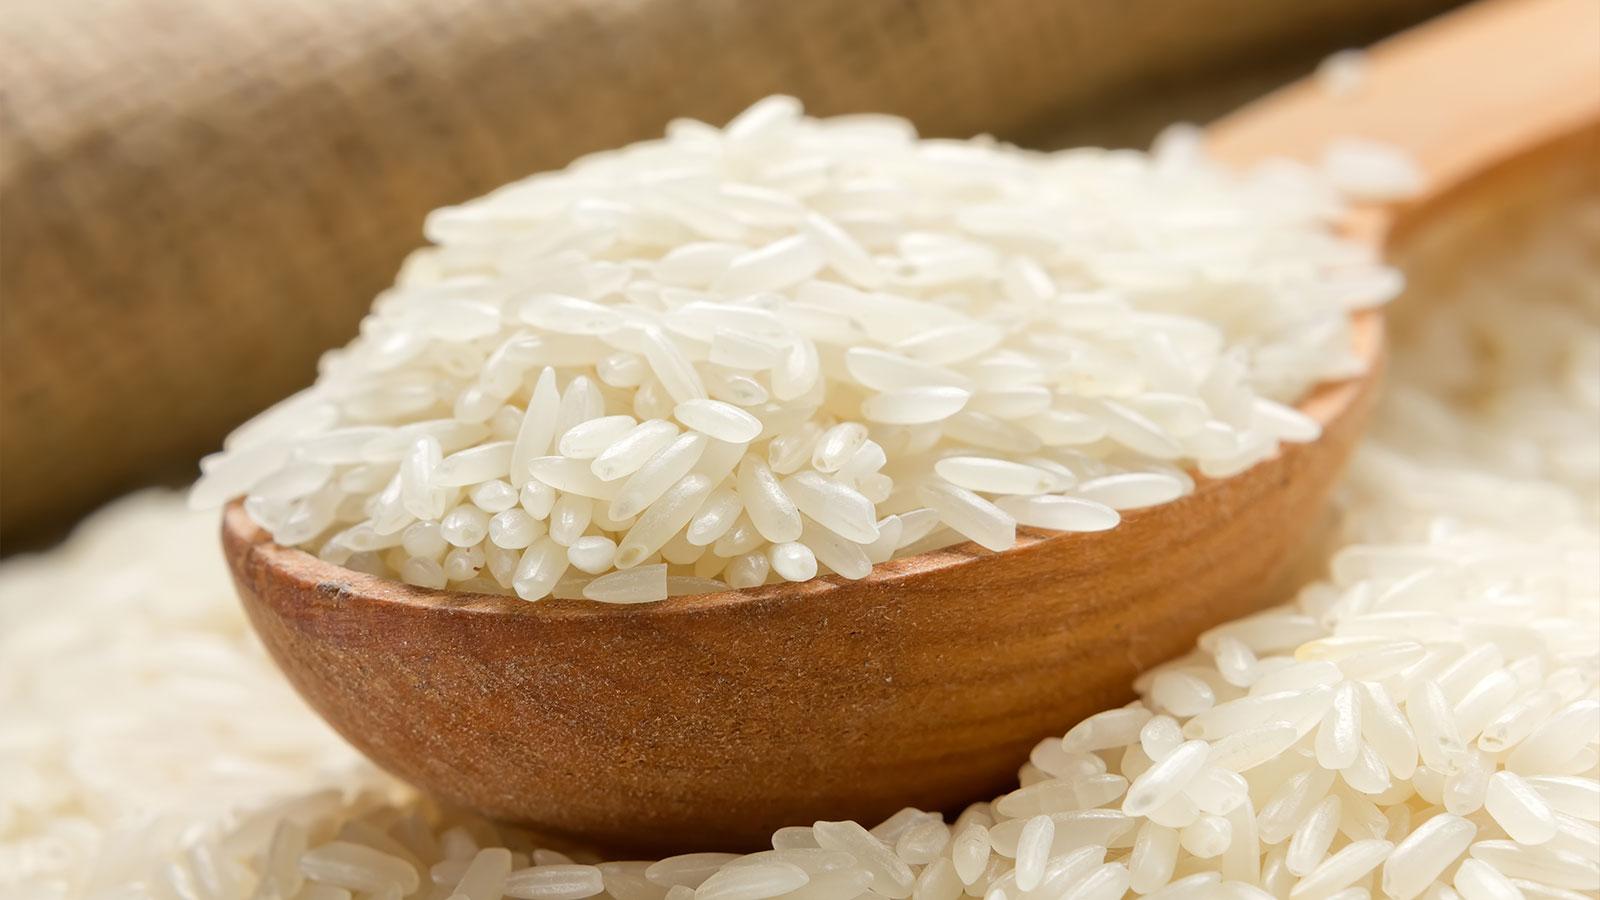 お米好き必見!今話題のおにぎりダイエットの効果と健康に痩せる方法を紹介